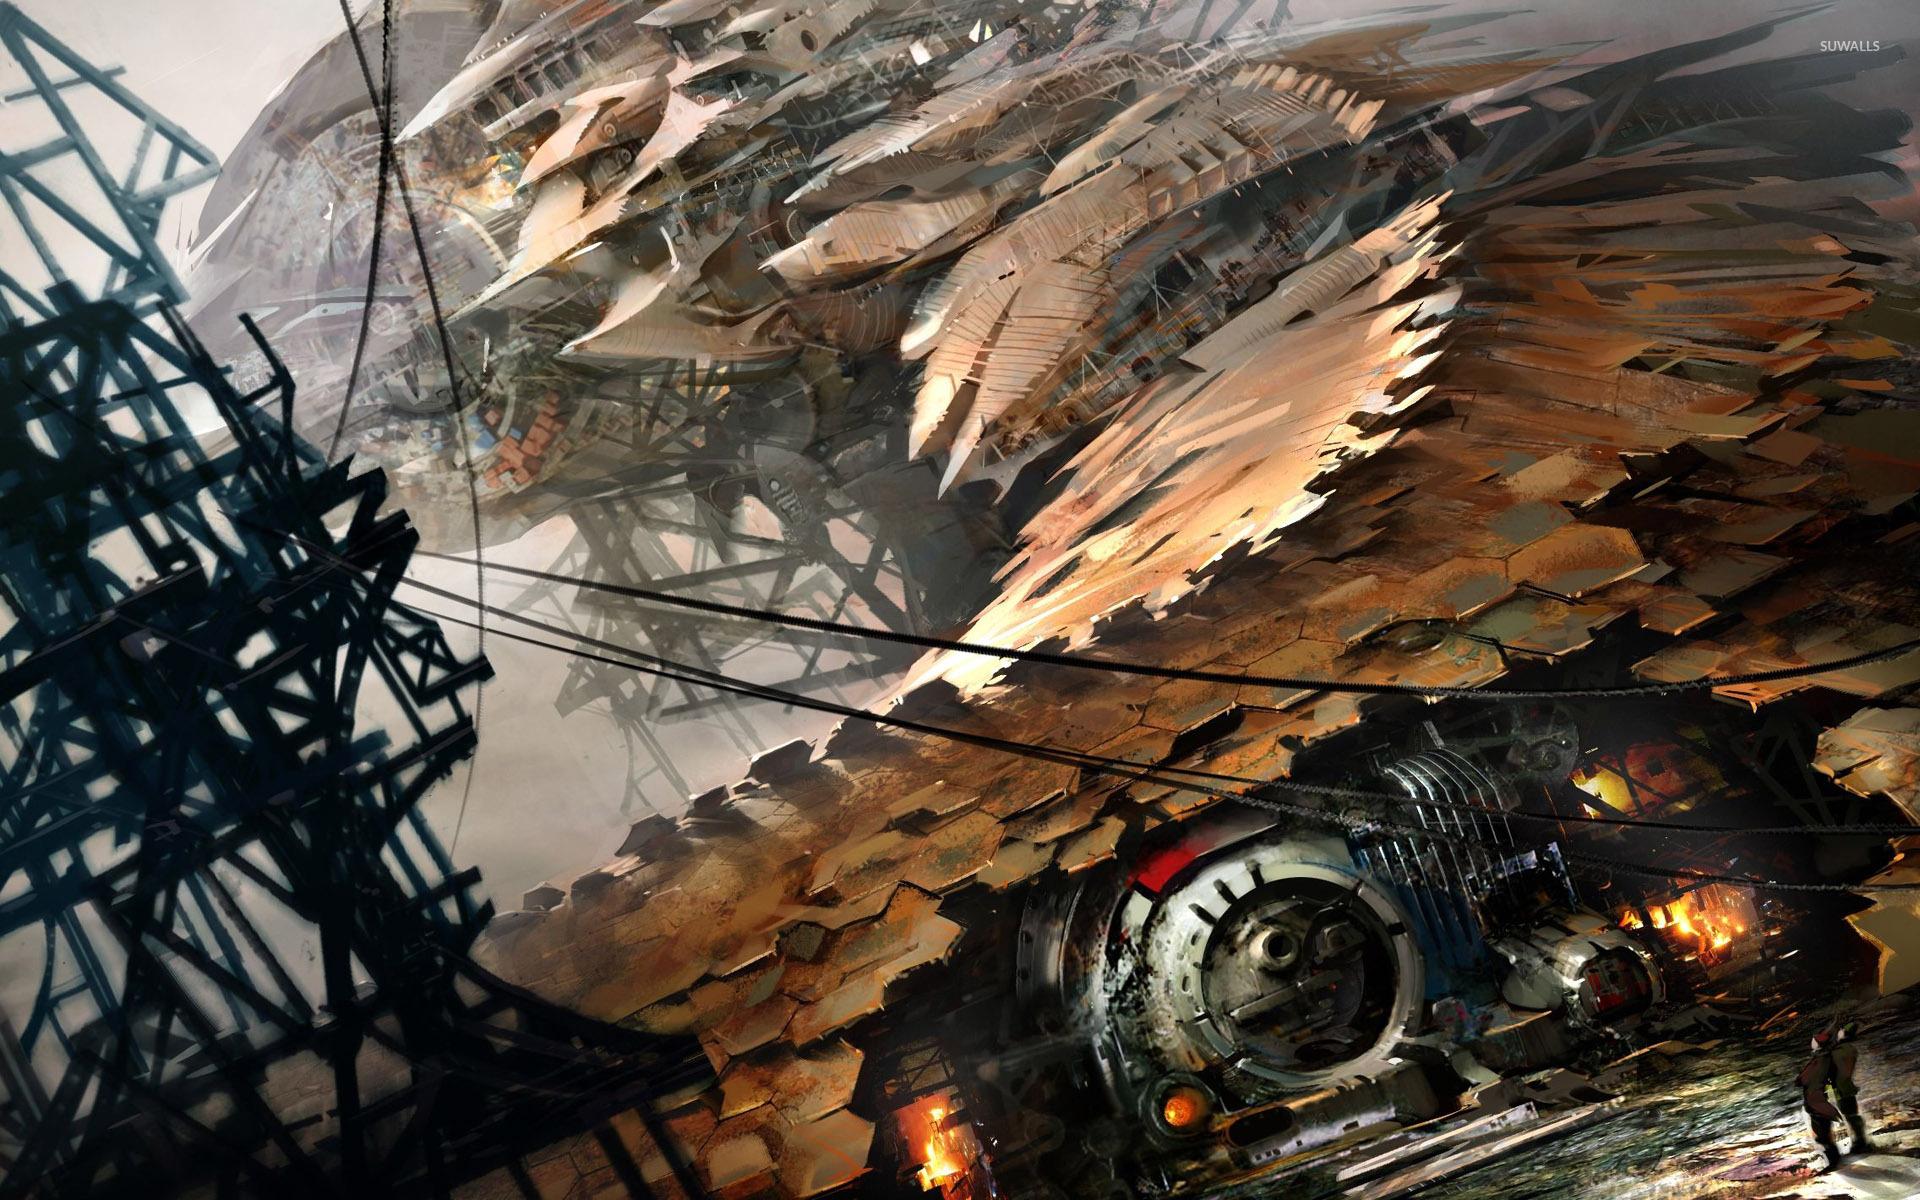 Steampunk spaceship wallpaper